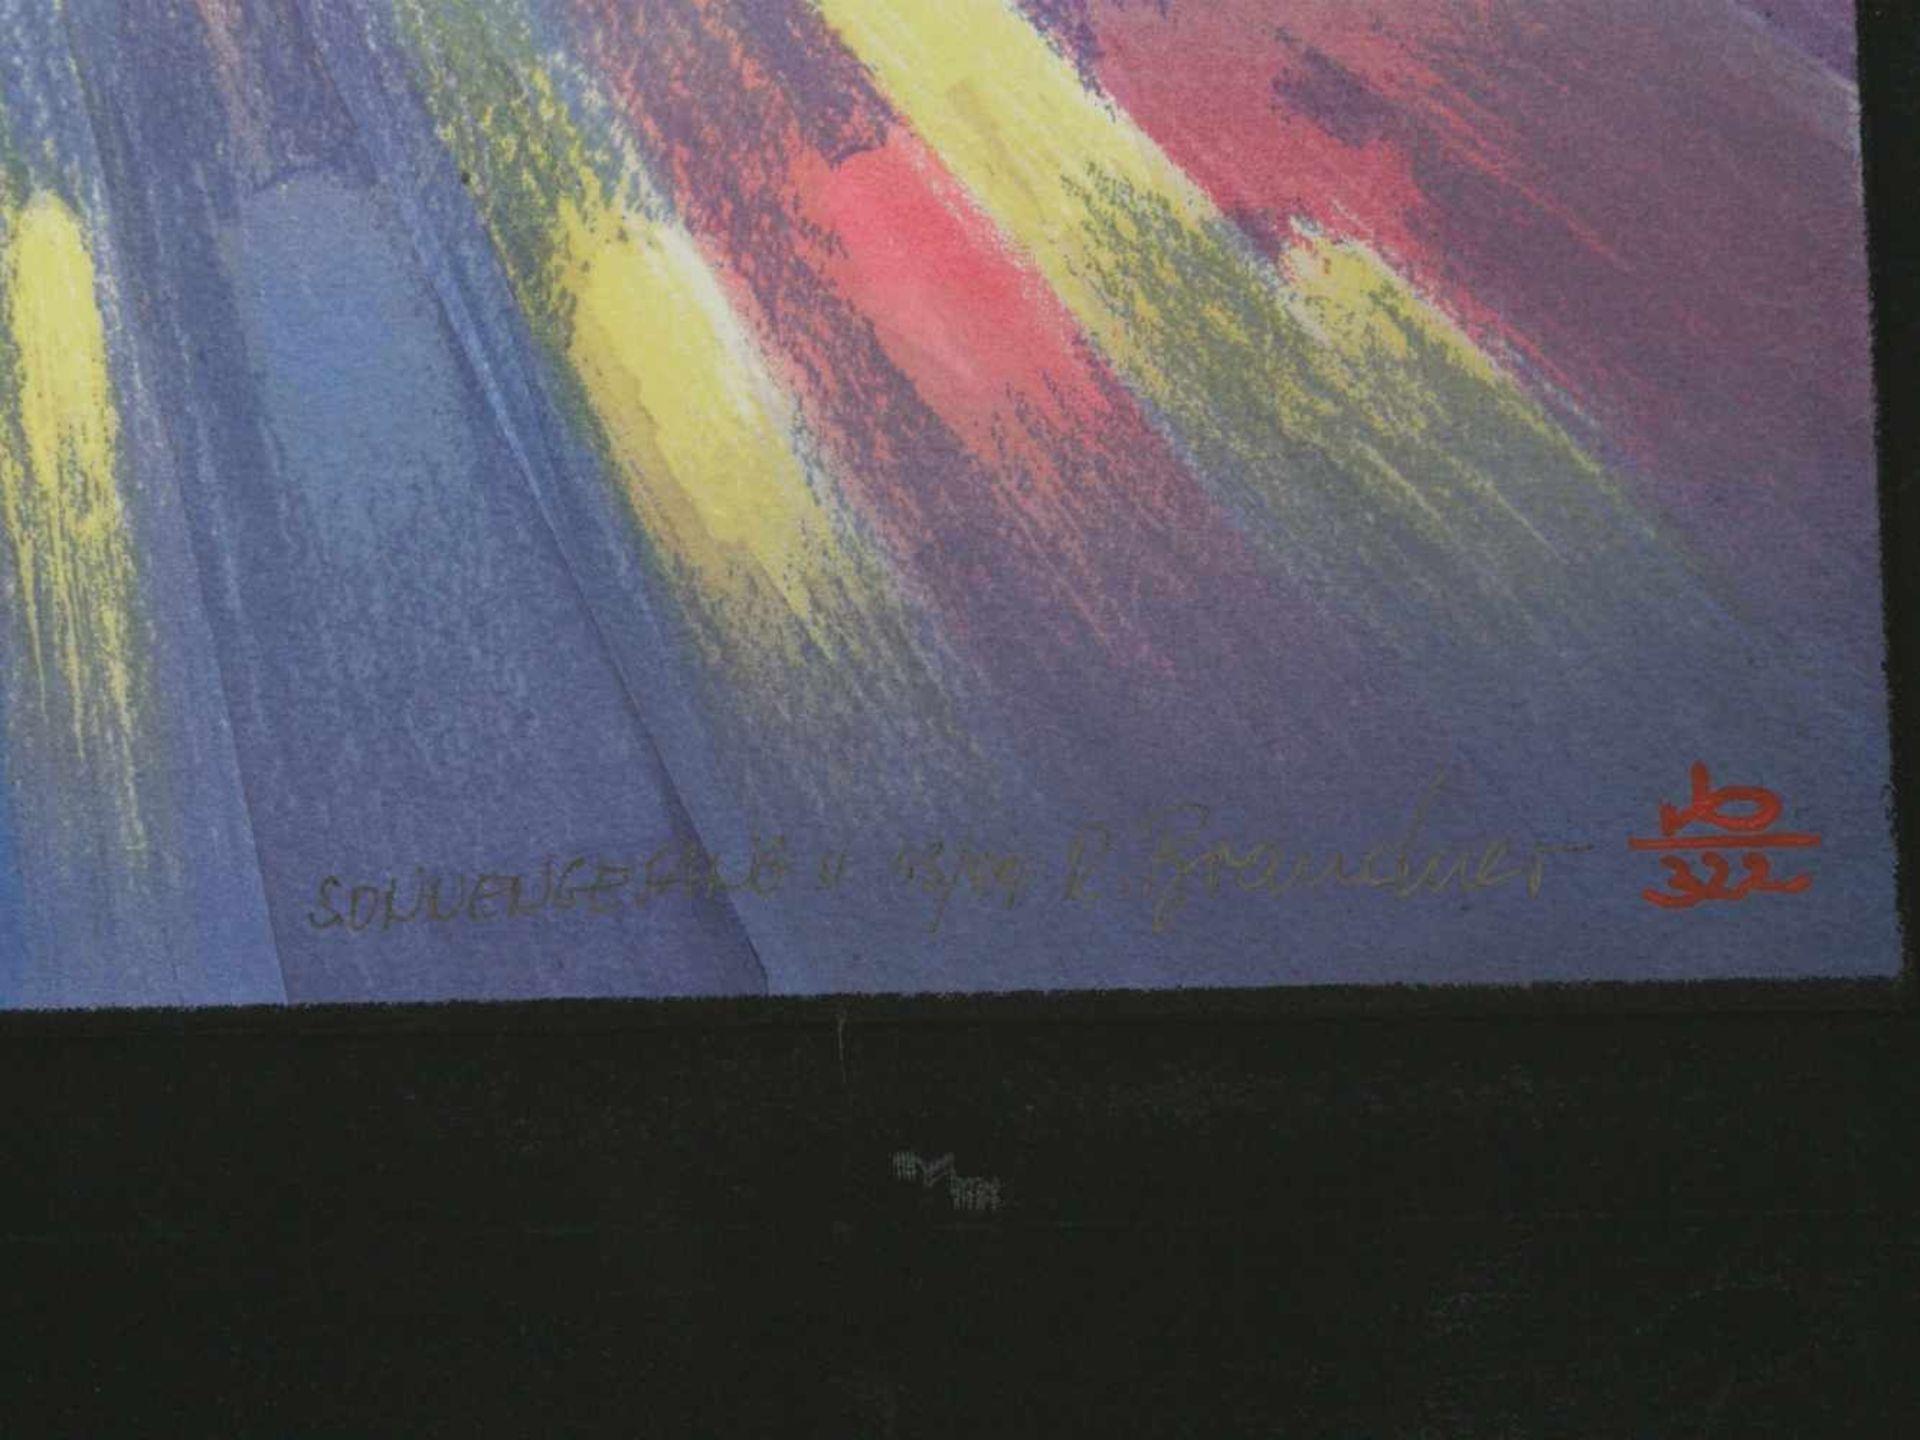 Los 34 - Brandner, Reinhard (1938) - Sonnengesang II und IV Manugrafien 43/99 und 43/99Aufregende